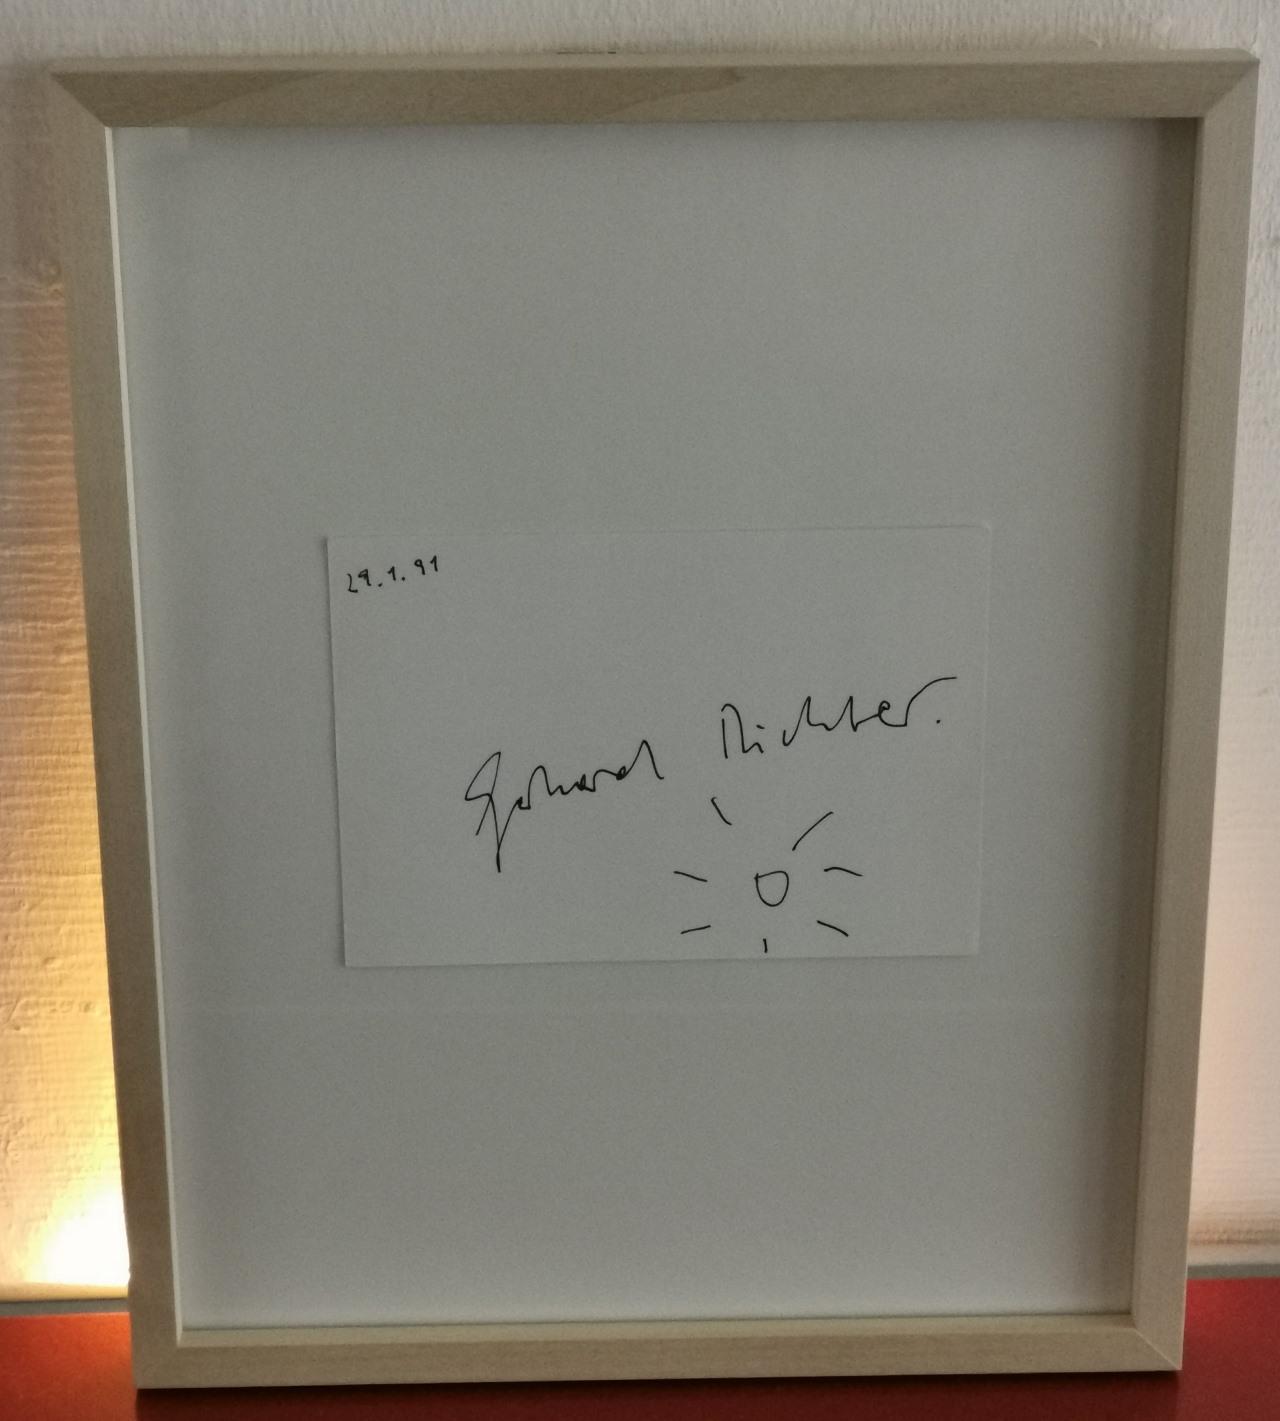 Gerhrad-Richter-Sonne Bild